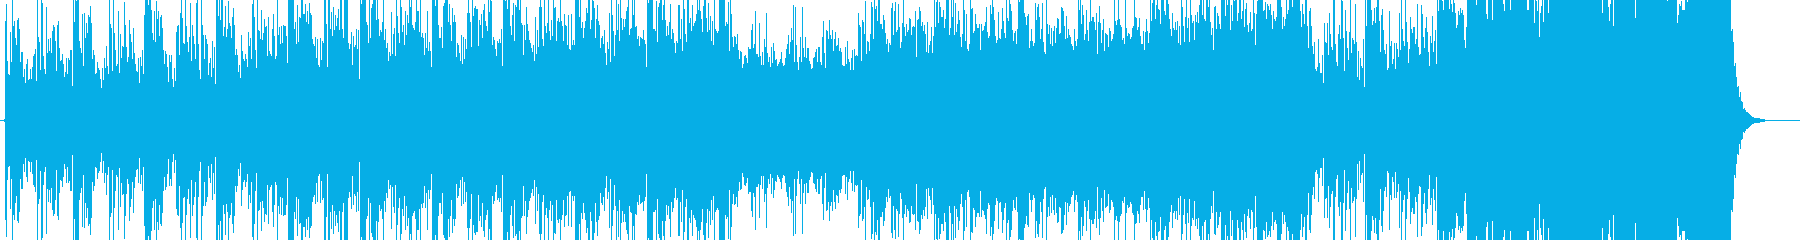 コロシアムでの戦いをイメージしたサントラの再生済みの波形